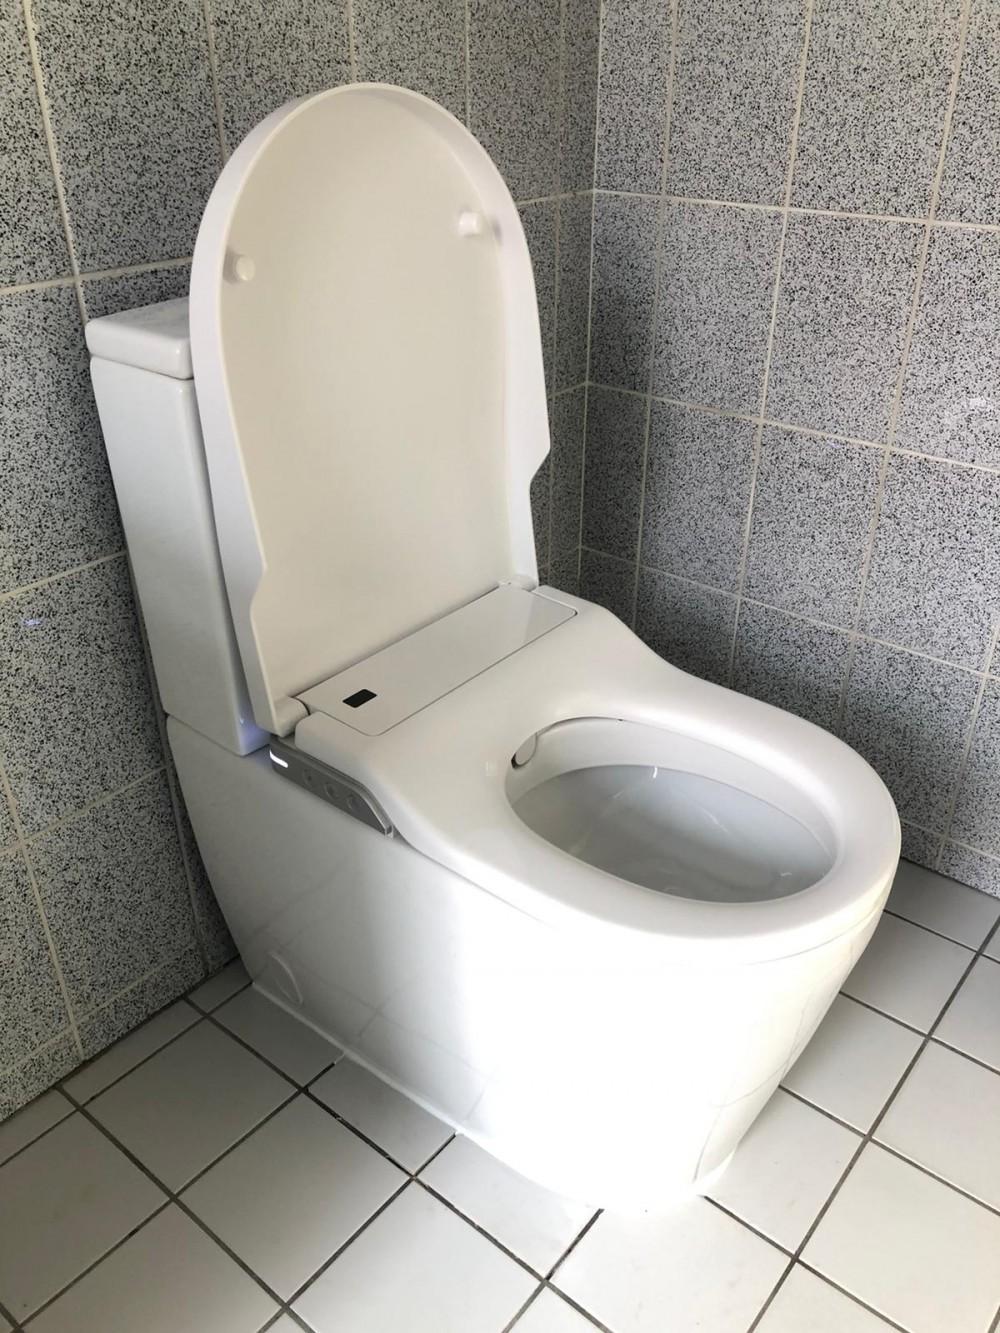 roca in-wash stand-wc deutschland kaufen